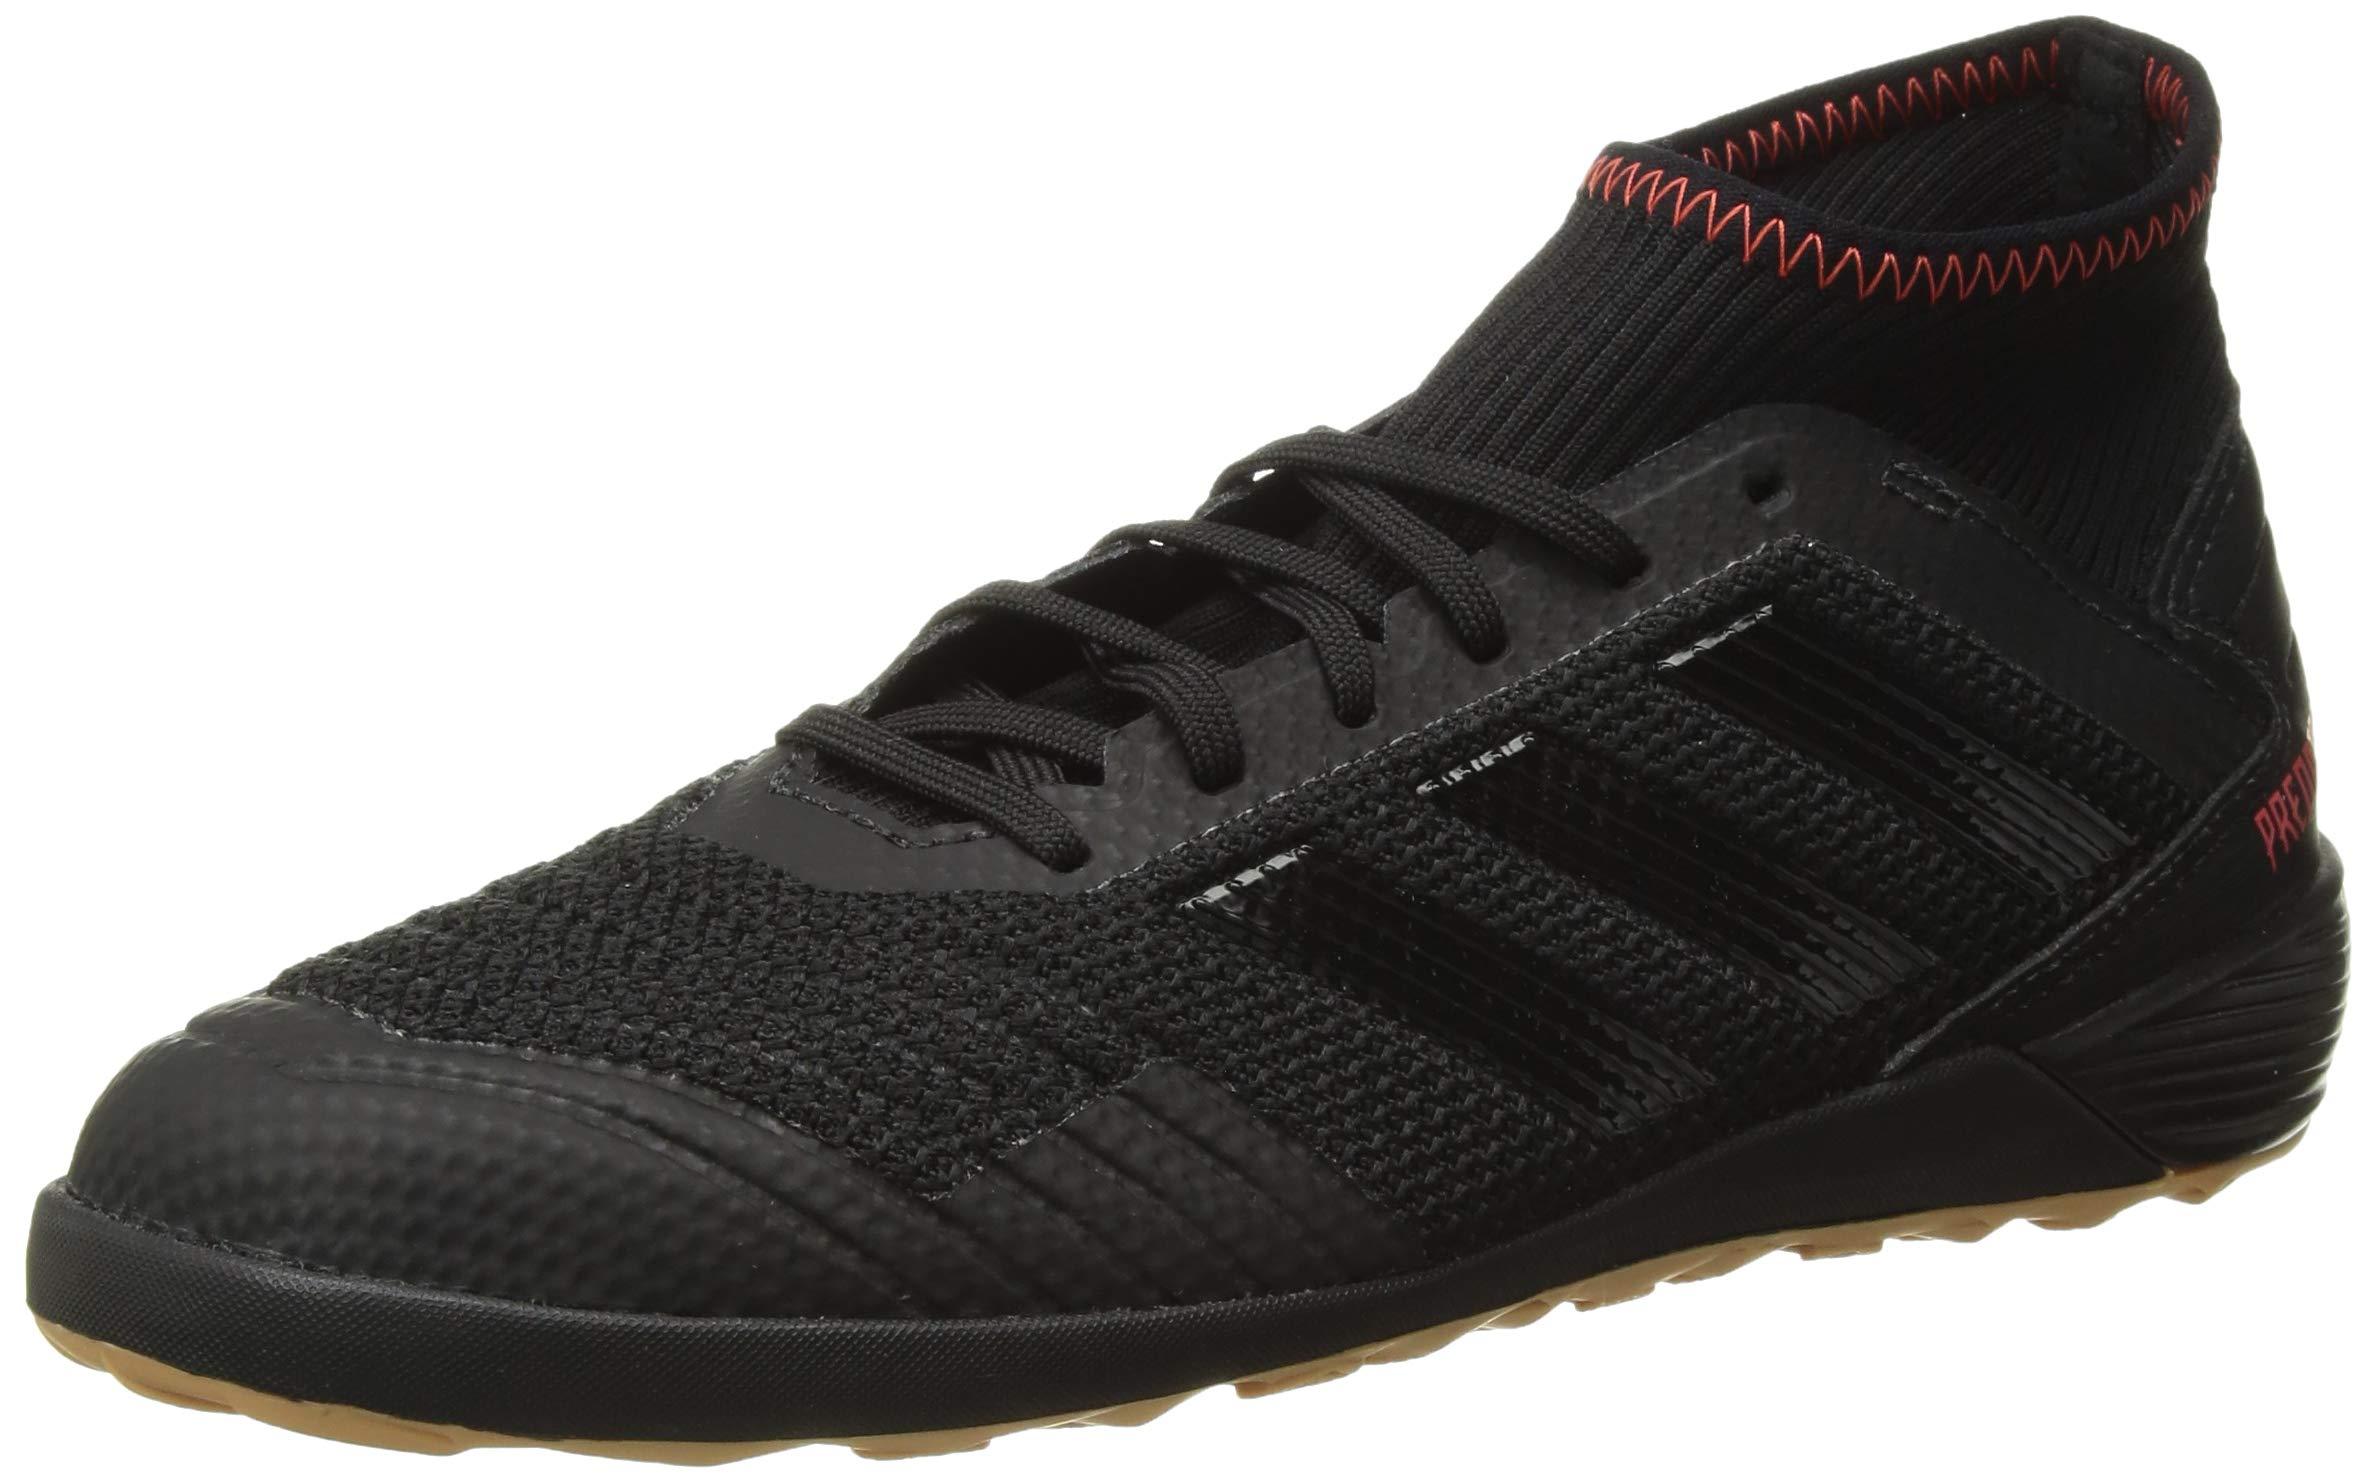 adidas Men's Predator 19.3 Indoor, Black/Active red, 7 M US